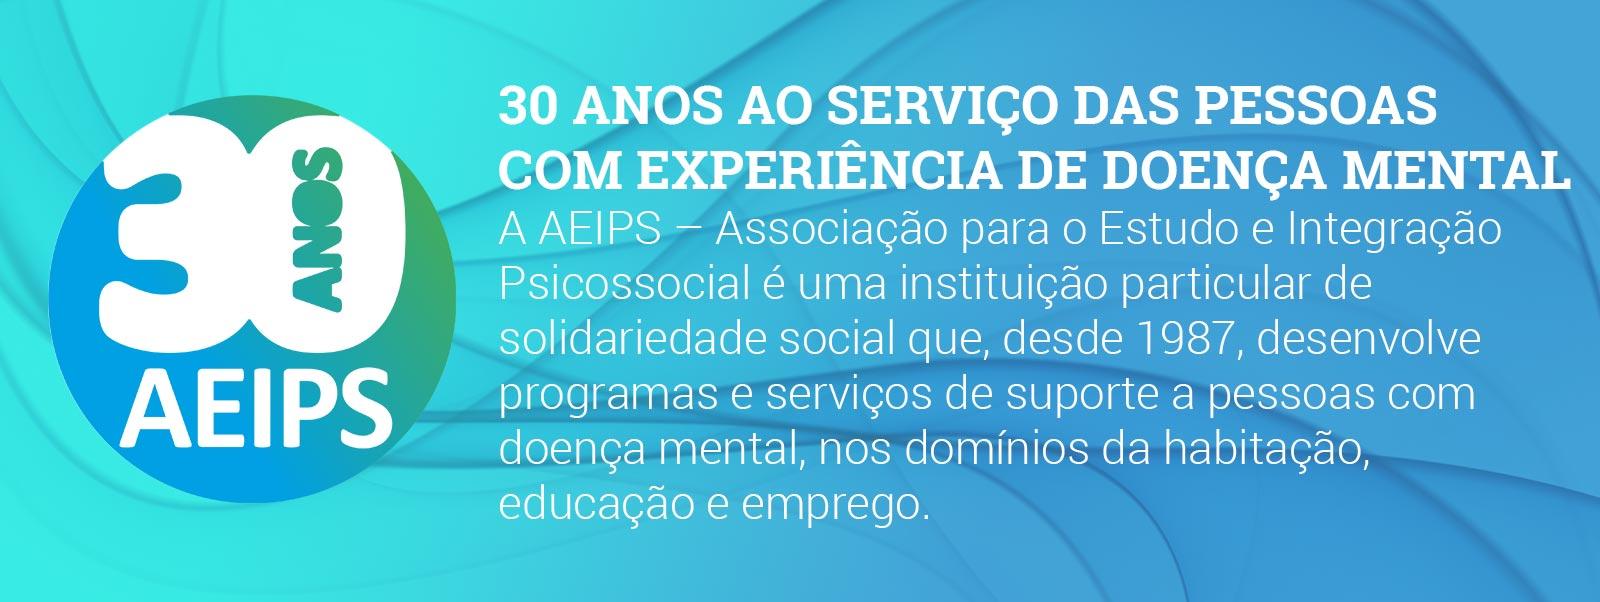 AEIPS 30 anos ao serviço das pessoas com experiência de doença mental